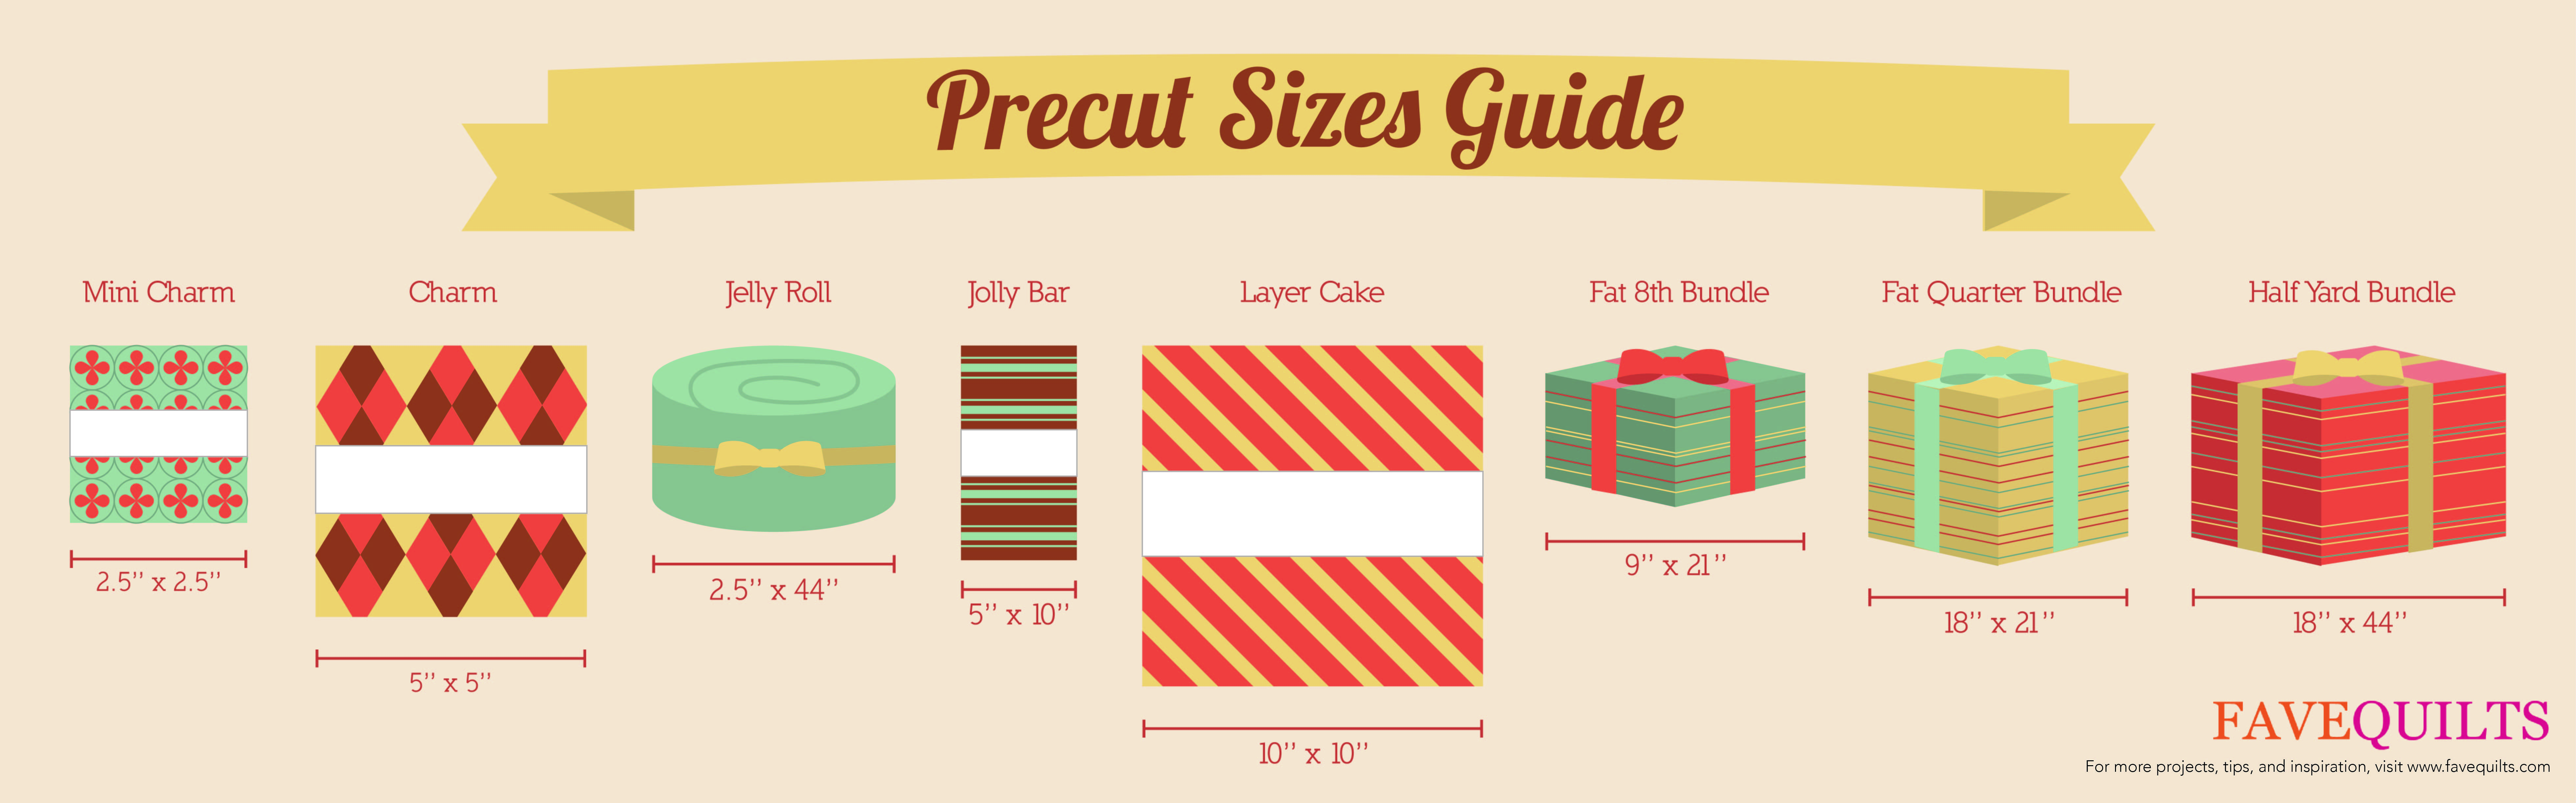 Precut Guide